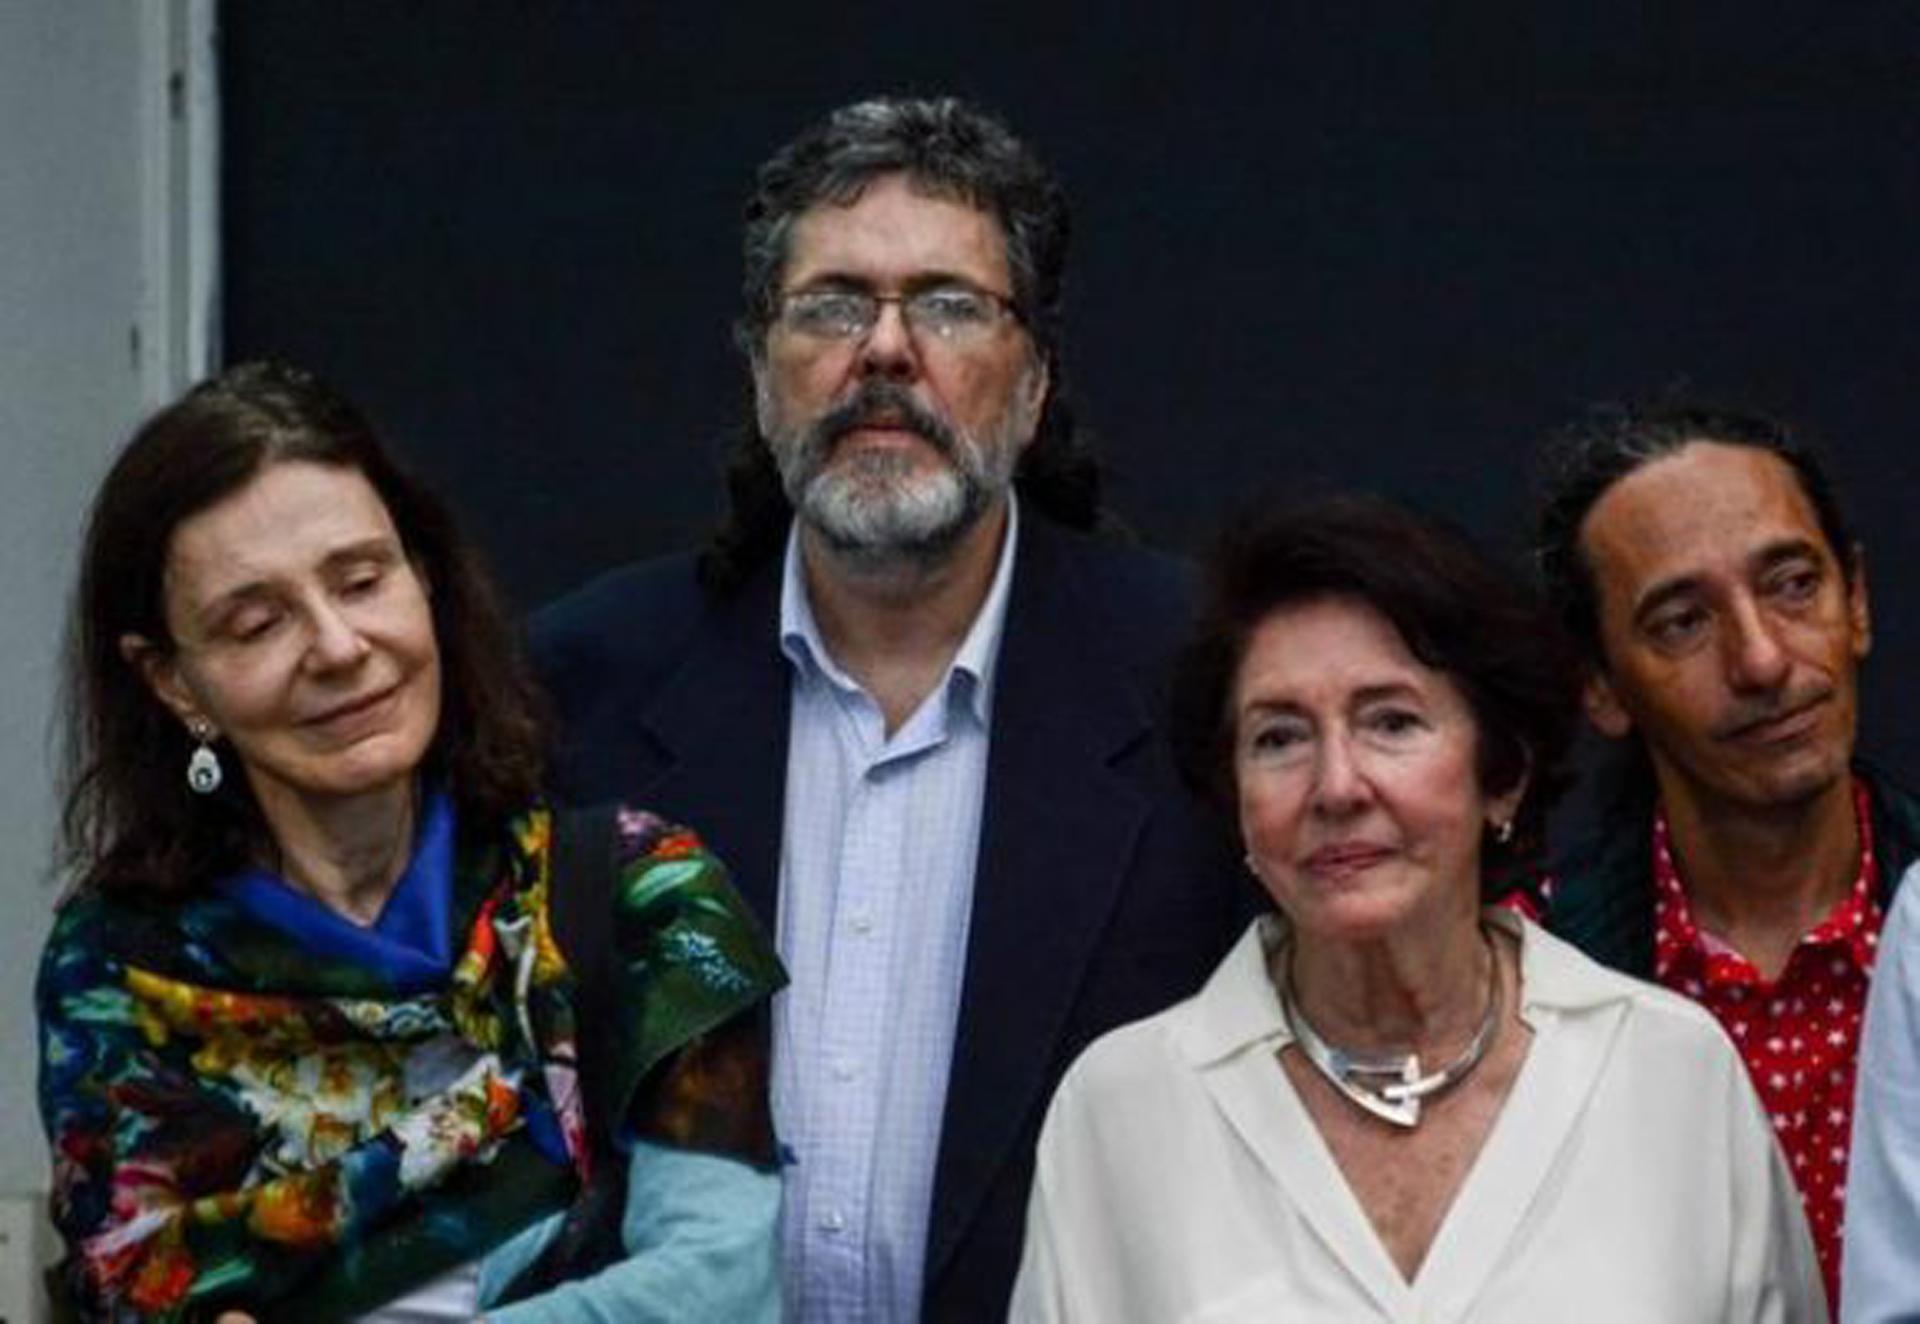 Abel Prieto (segundo, izq.), ministro de Cultura de Cuba, durante el acto de entrega del premio Casa de Las Américas, en la sede de esa institución cultural, en La Habana. Foto: Abel Padrón Padilla / ACN